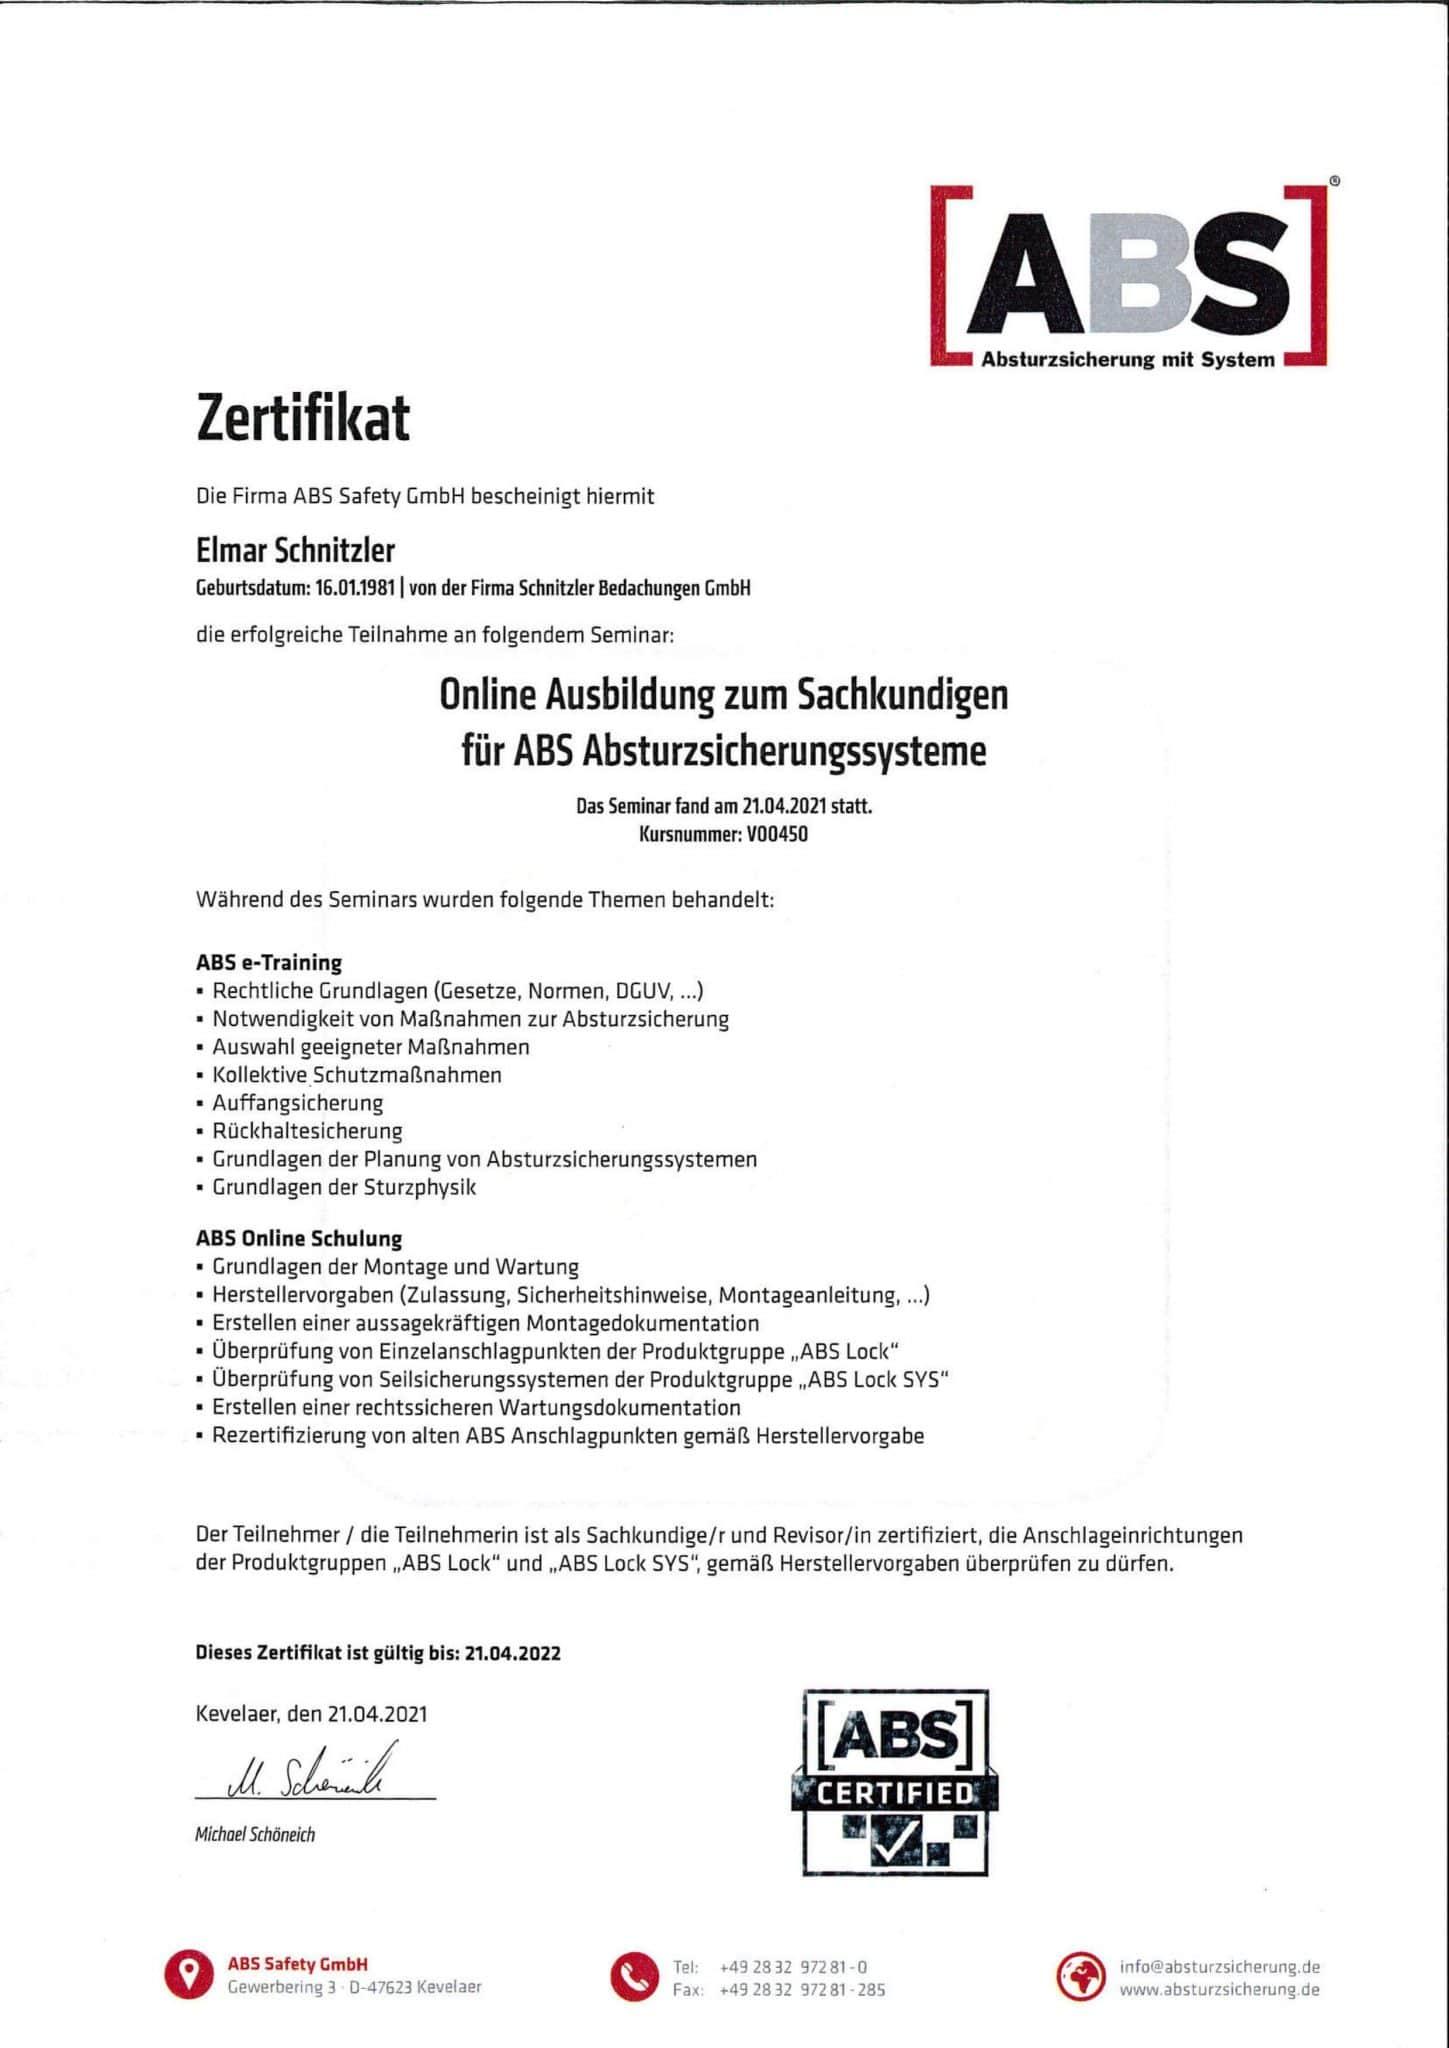 Zertifikat_ABS-Emar